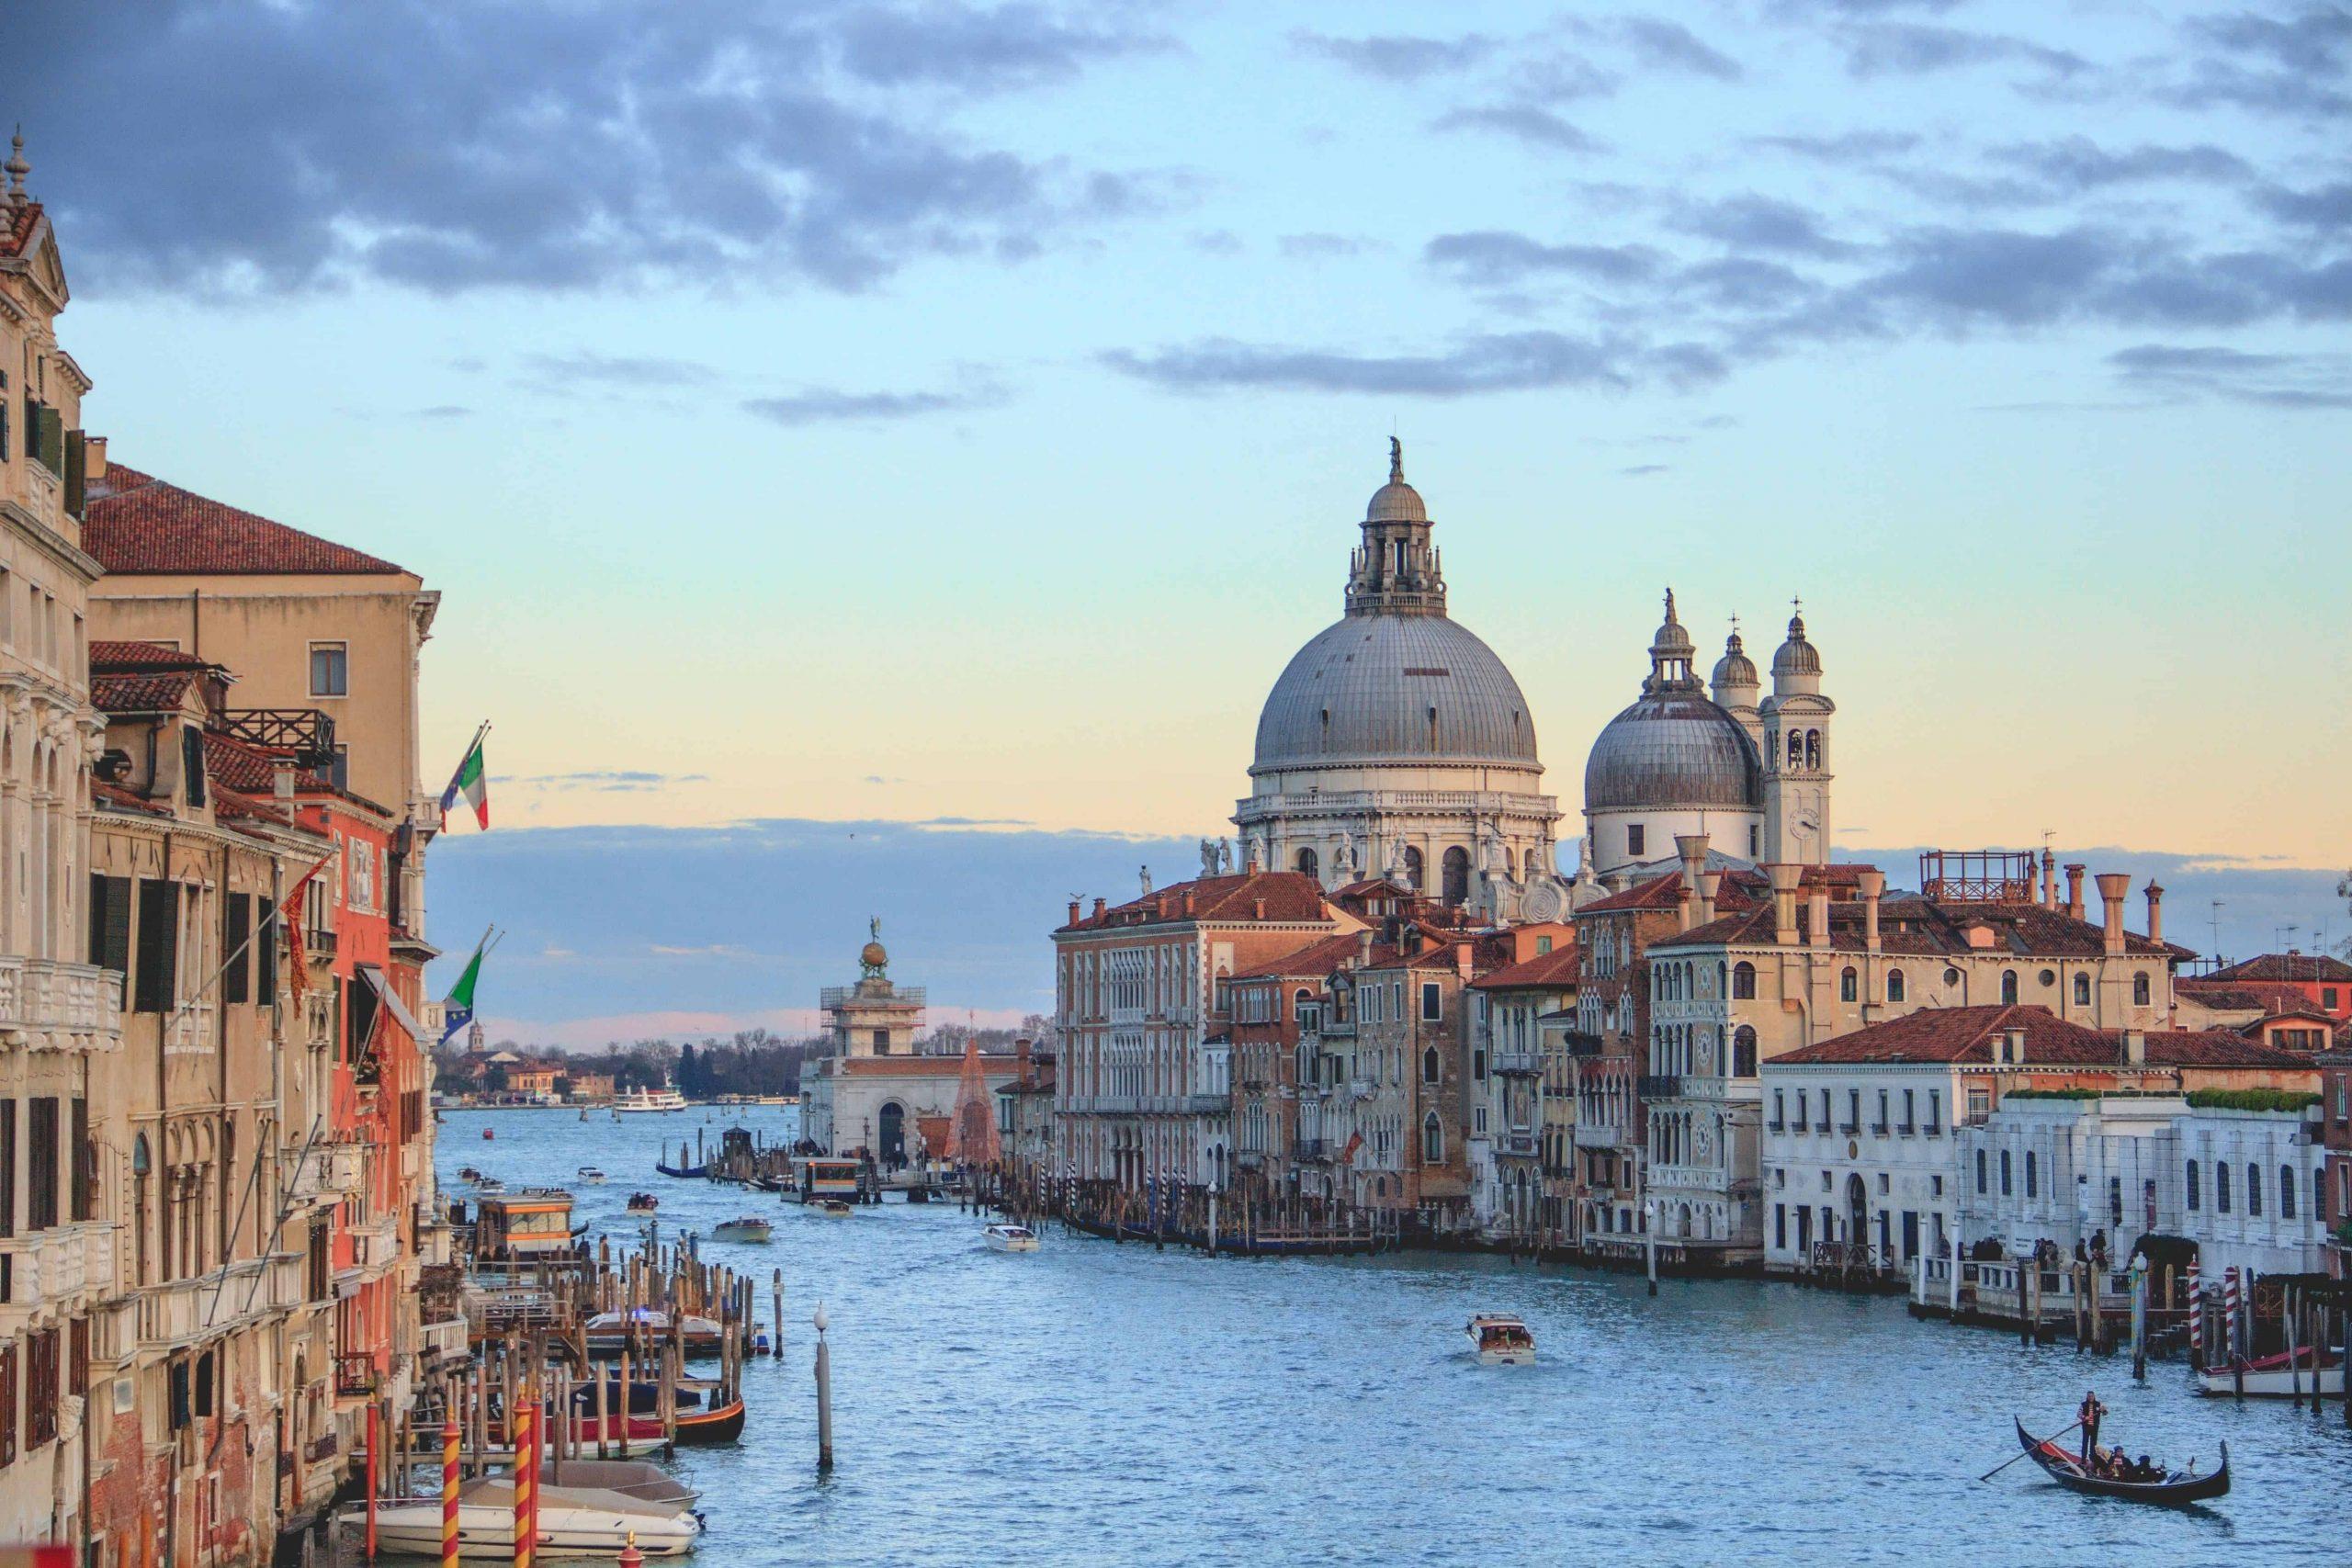 Grèce 457$, Italie 383$, Maroc 425$, Portugal 391$, Espagne/Autriche/Hongrie 404$